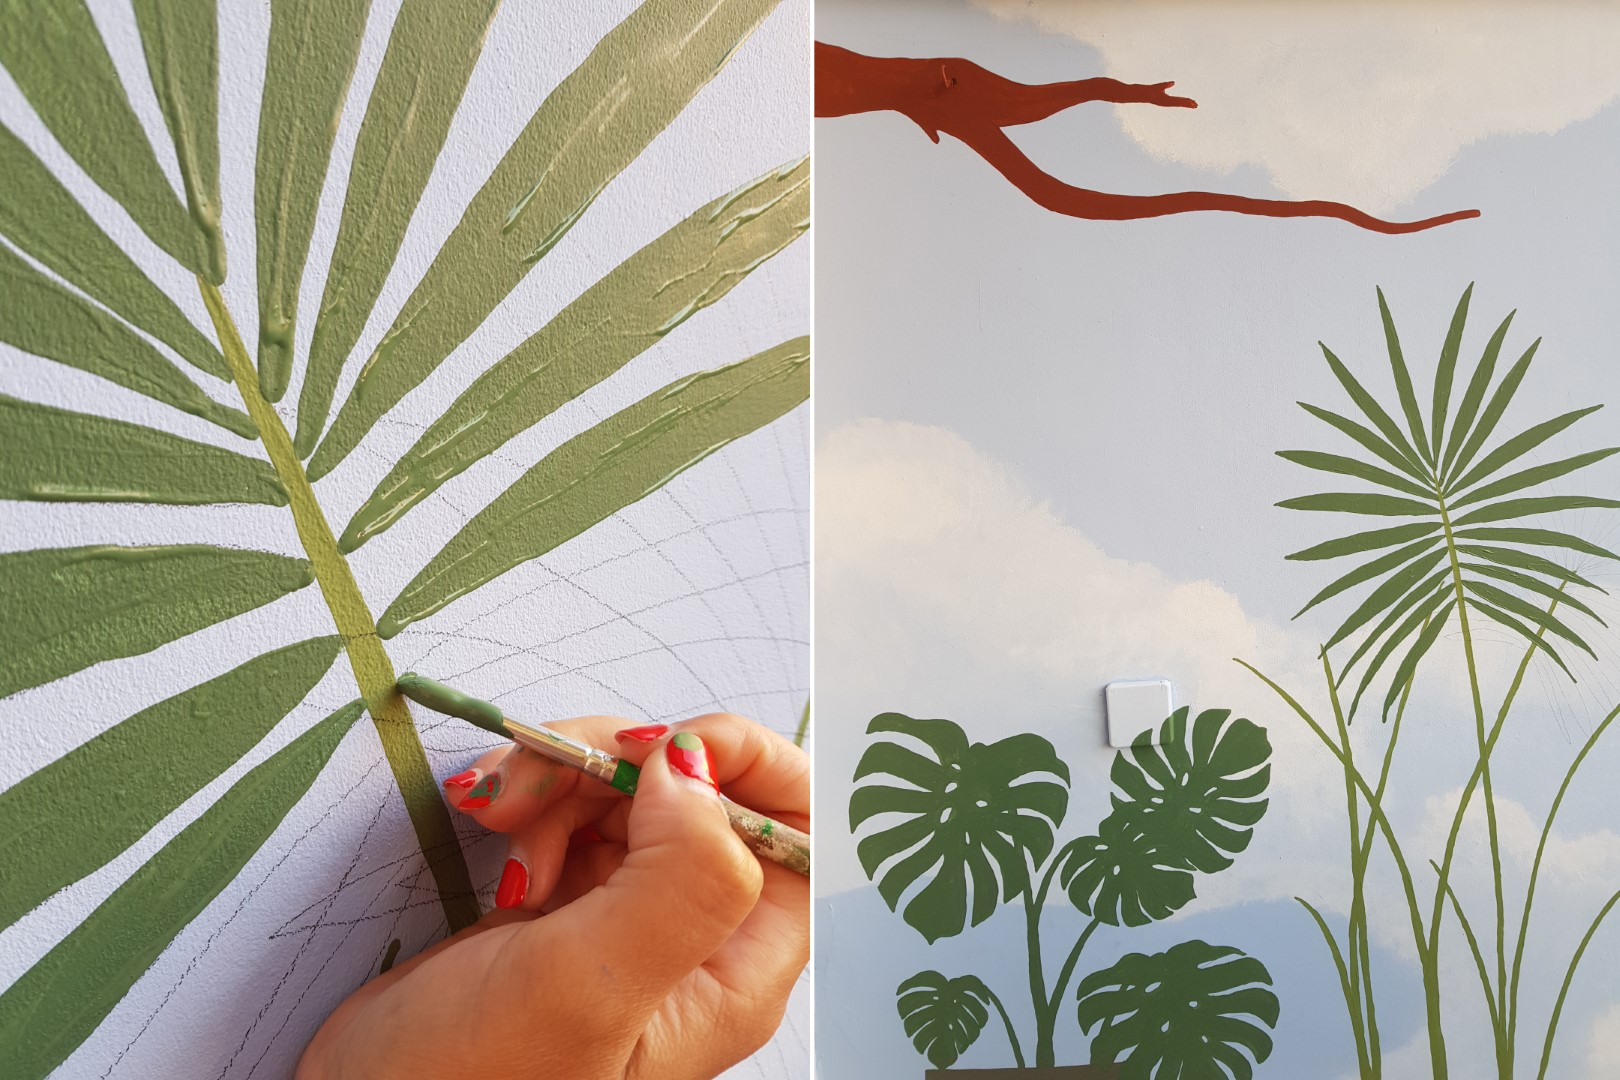 צבעים, ציור קיר במרפסת